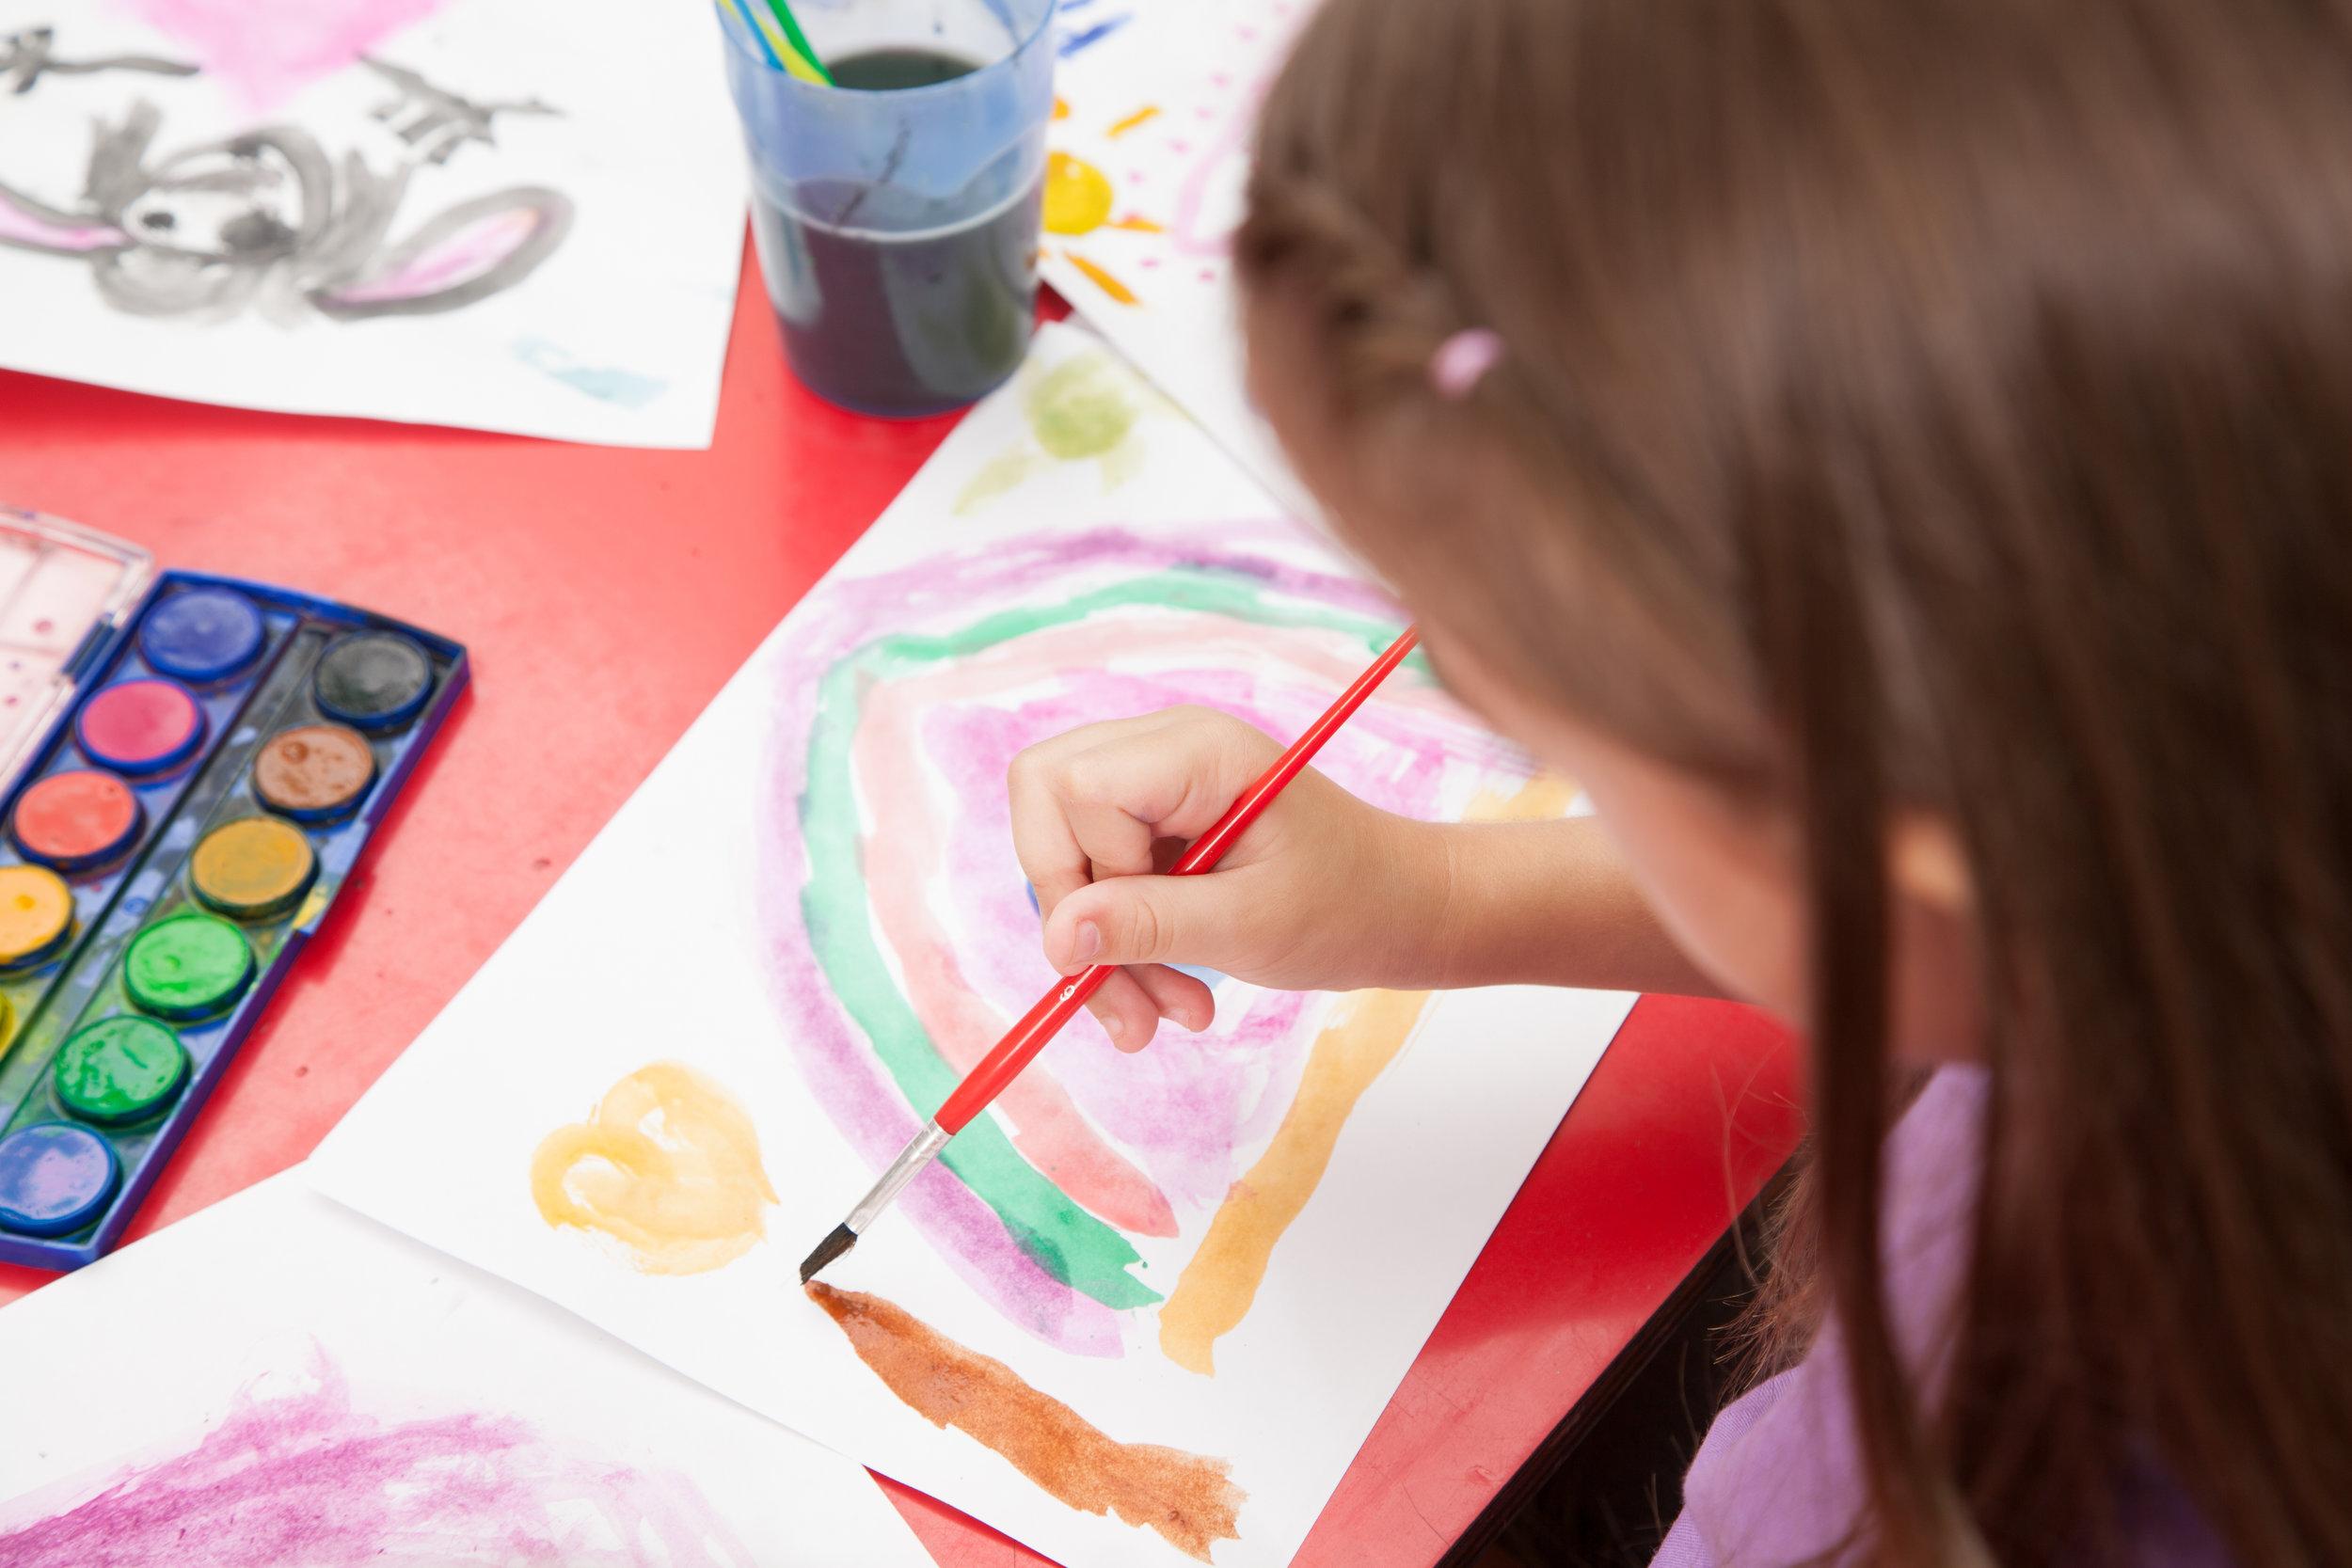 art-class-in-kindergarten_Bjl3VrnCUx.jpg